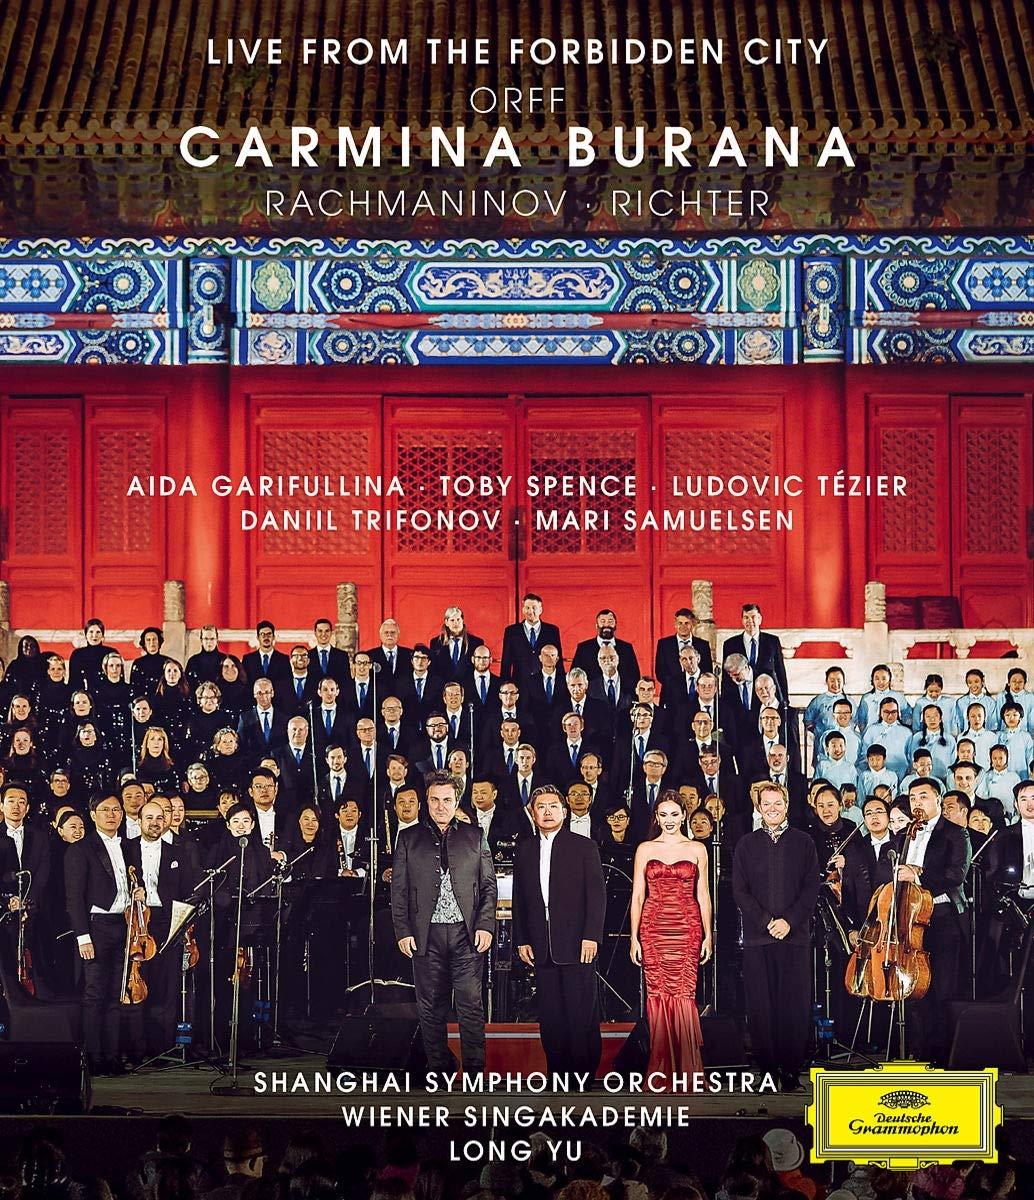 TRIFONOV - CARMINA BURANA